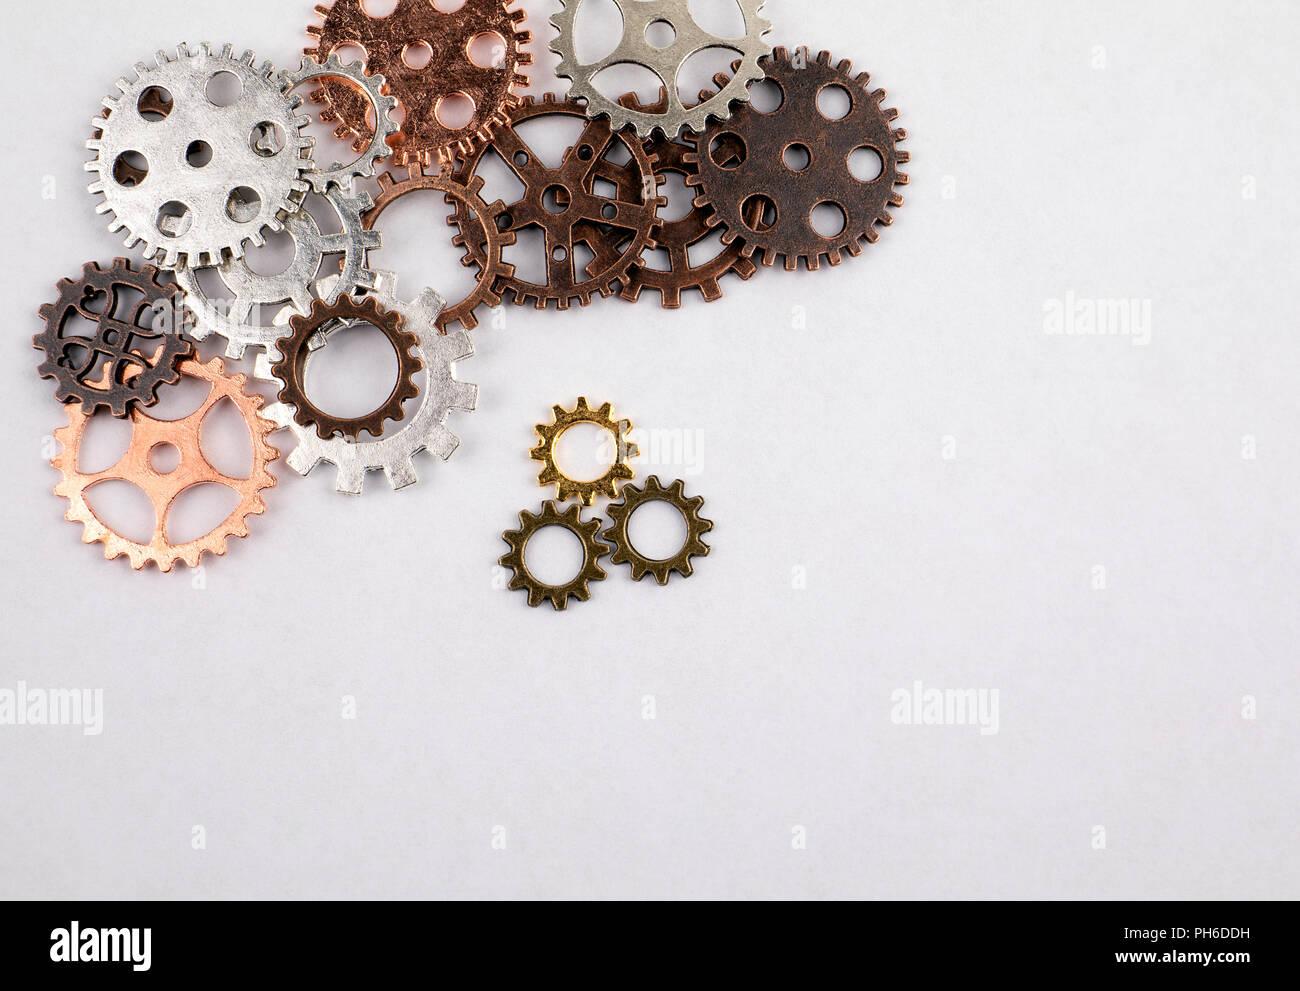 Engranajes de diferentes tamaños y colores sobre un fondo blanco. Imagen De Stock